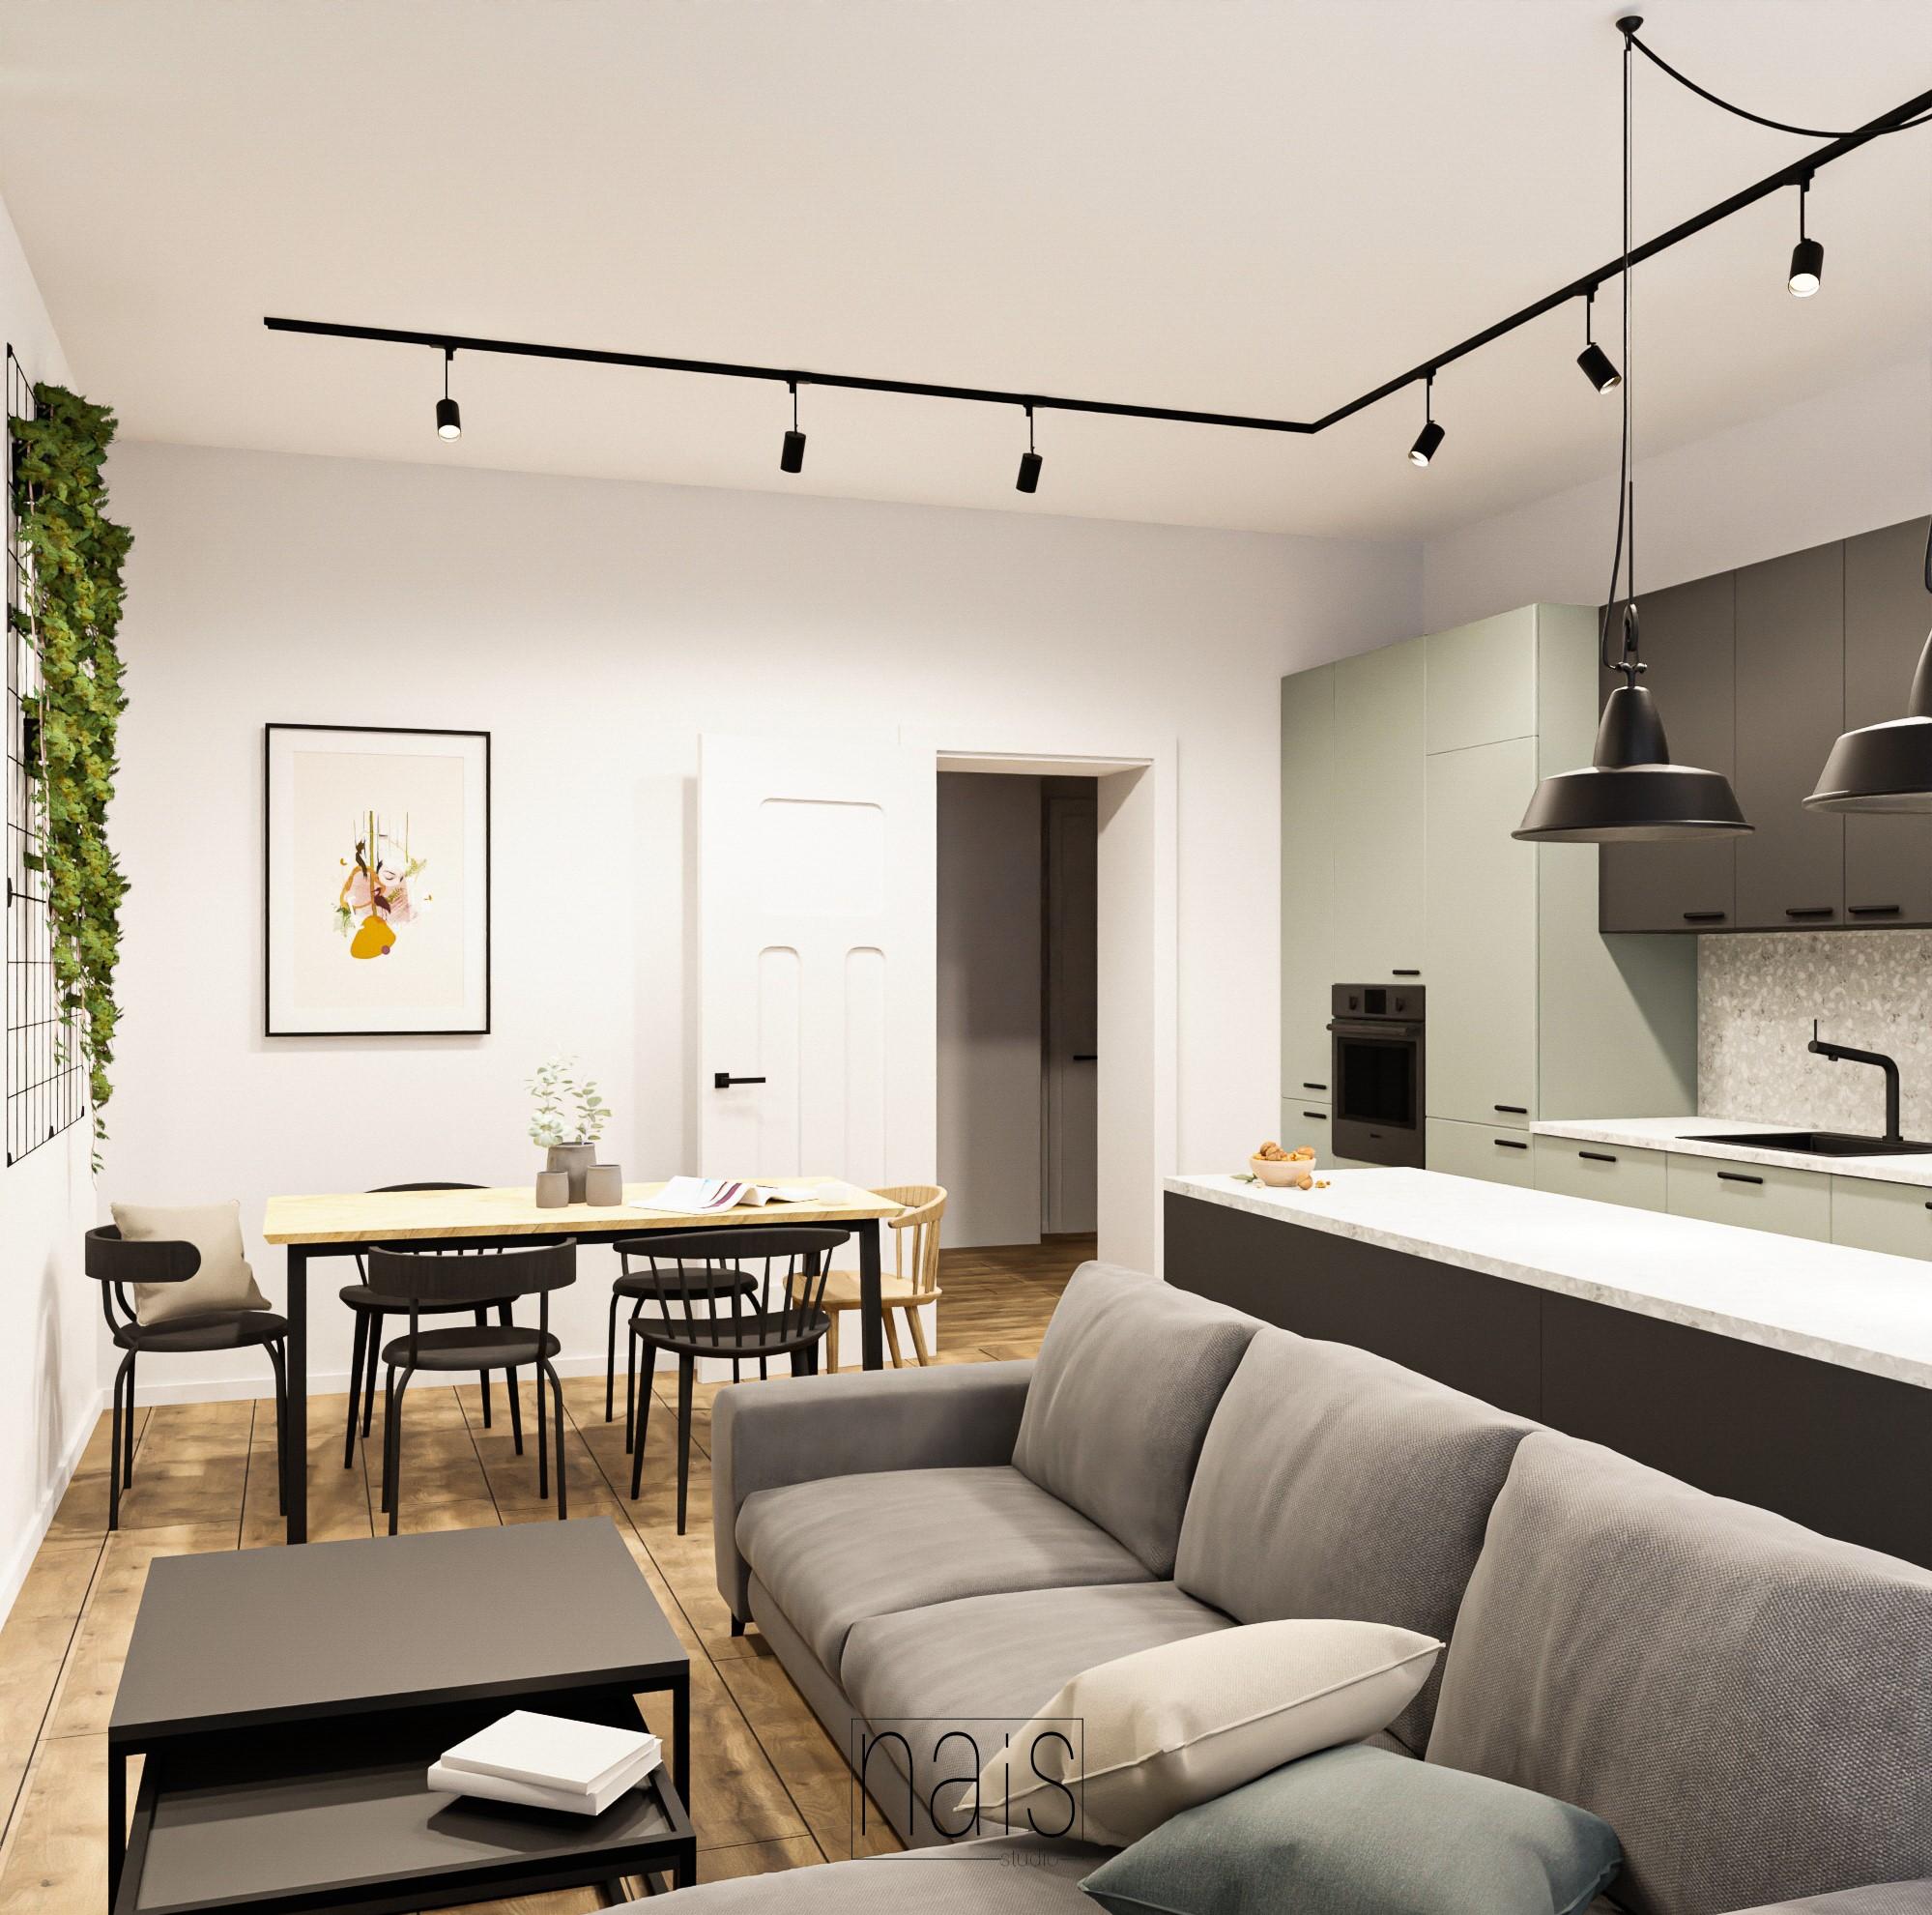 salon-polaczony-z-kuchnia-wysoka-zabudowa-duzy-stol-sofa-befame